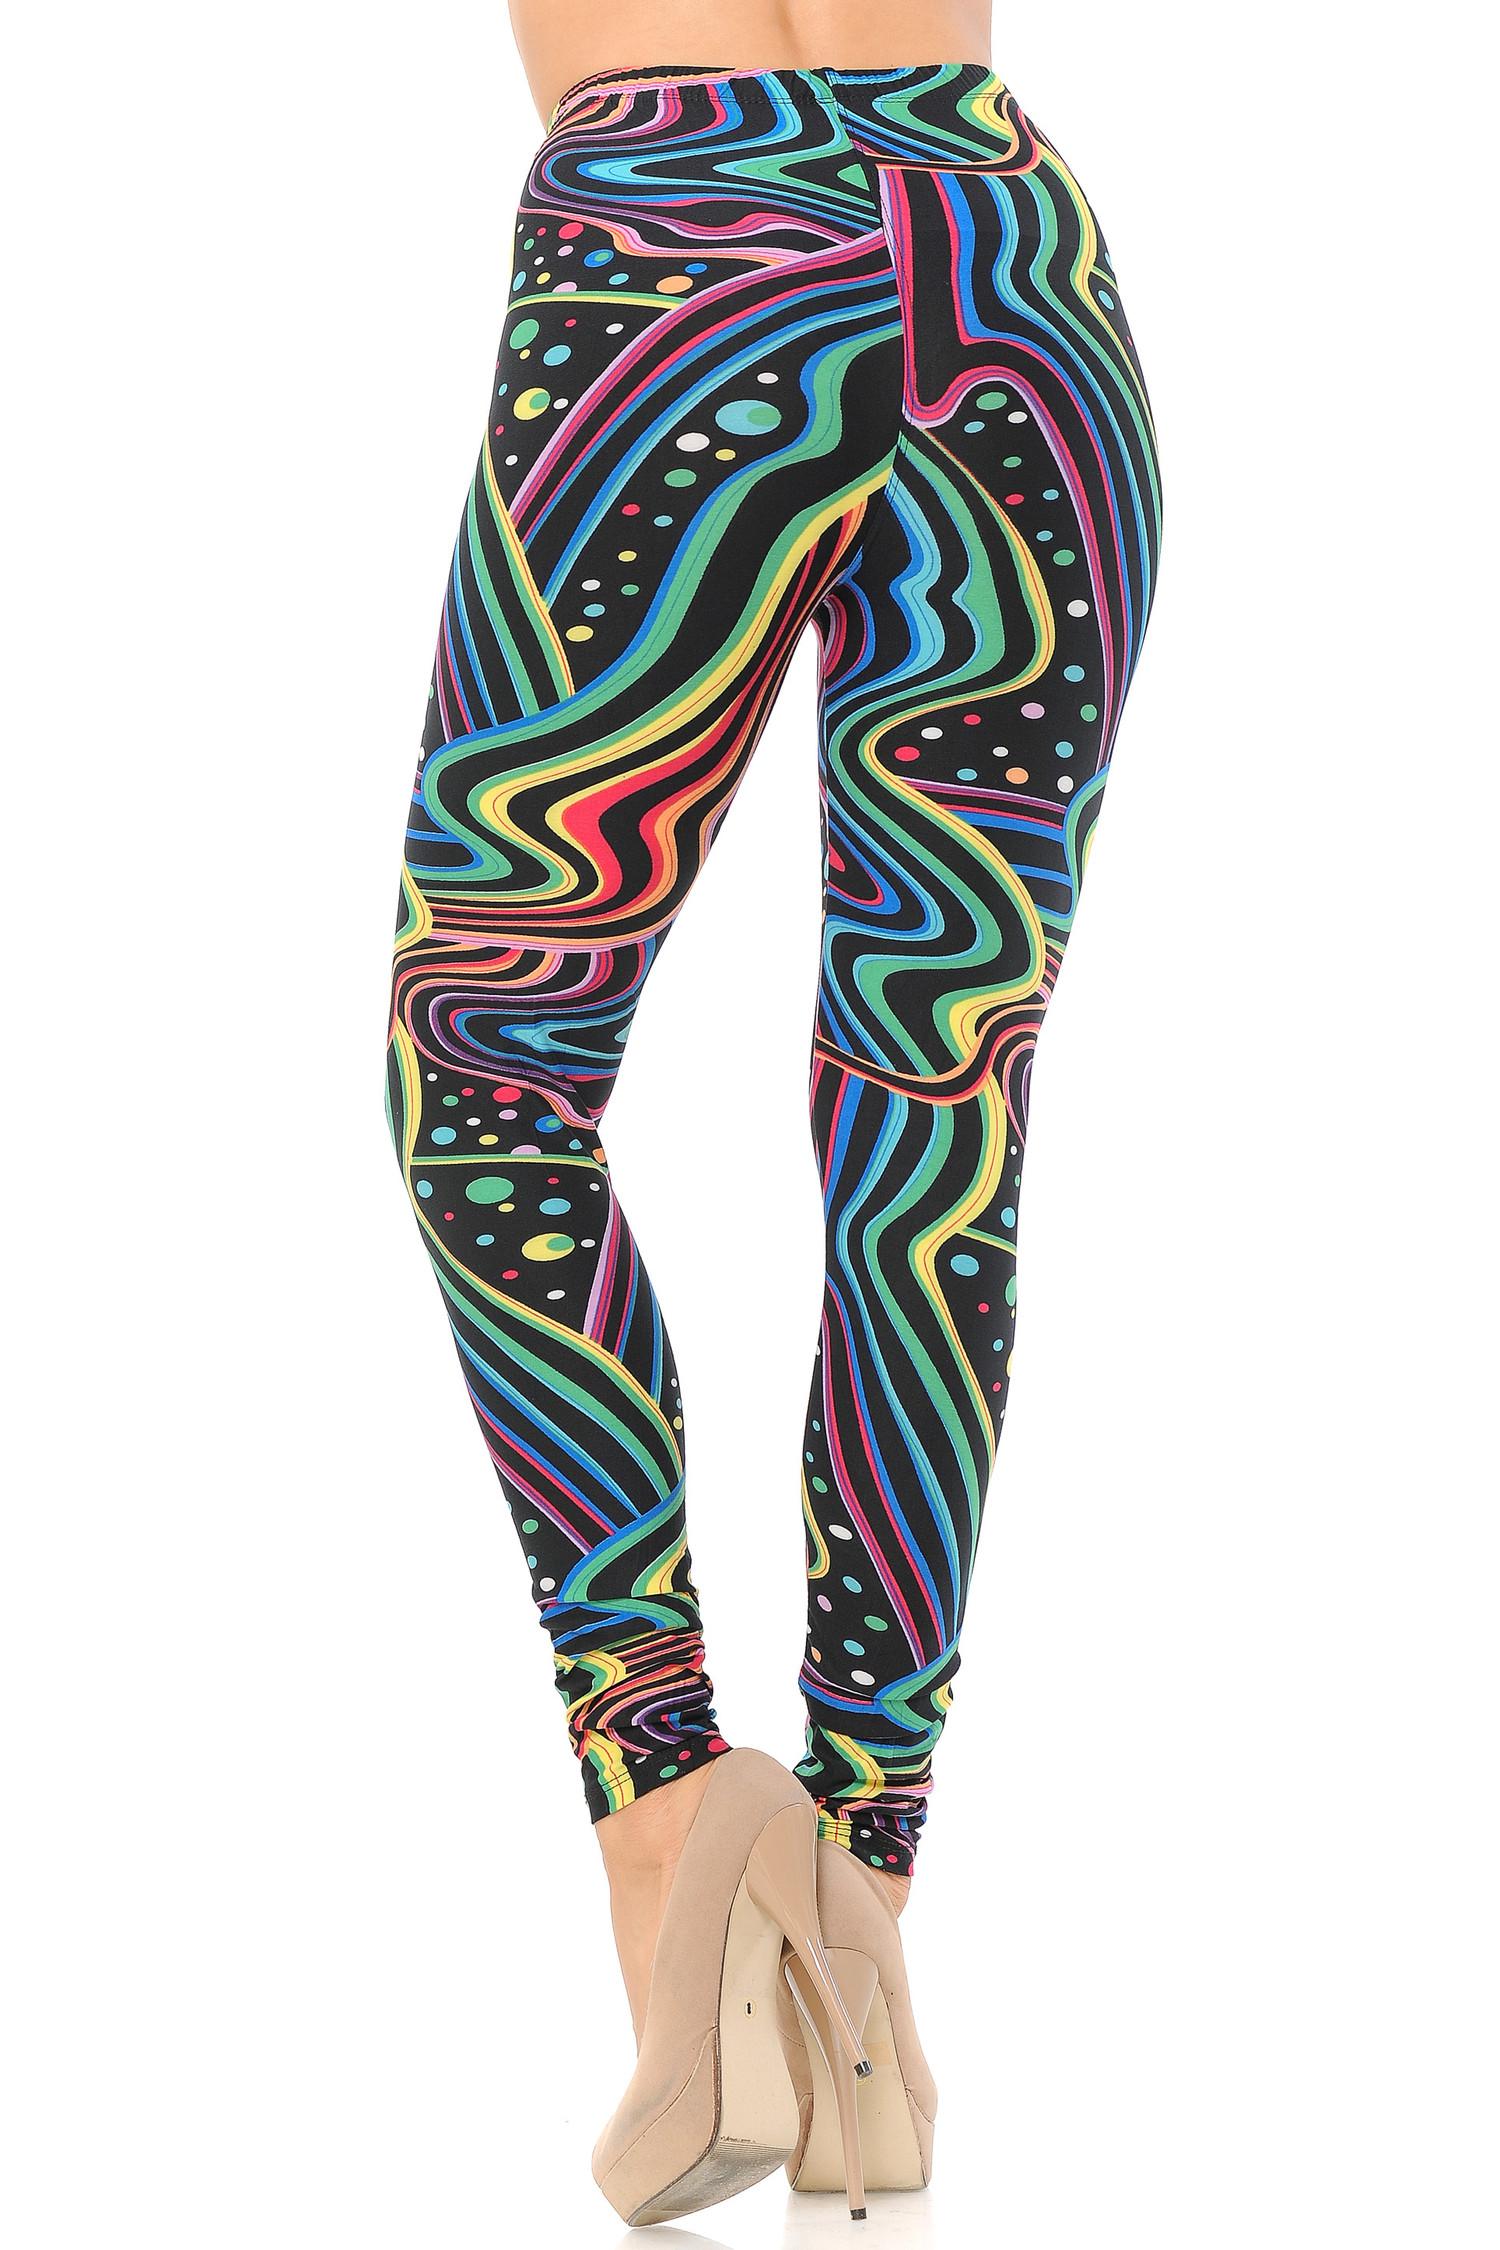 Brushed Rainbow Bash Extra Plus Size Leggings - 3X-5X